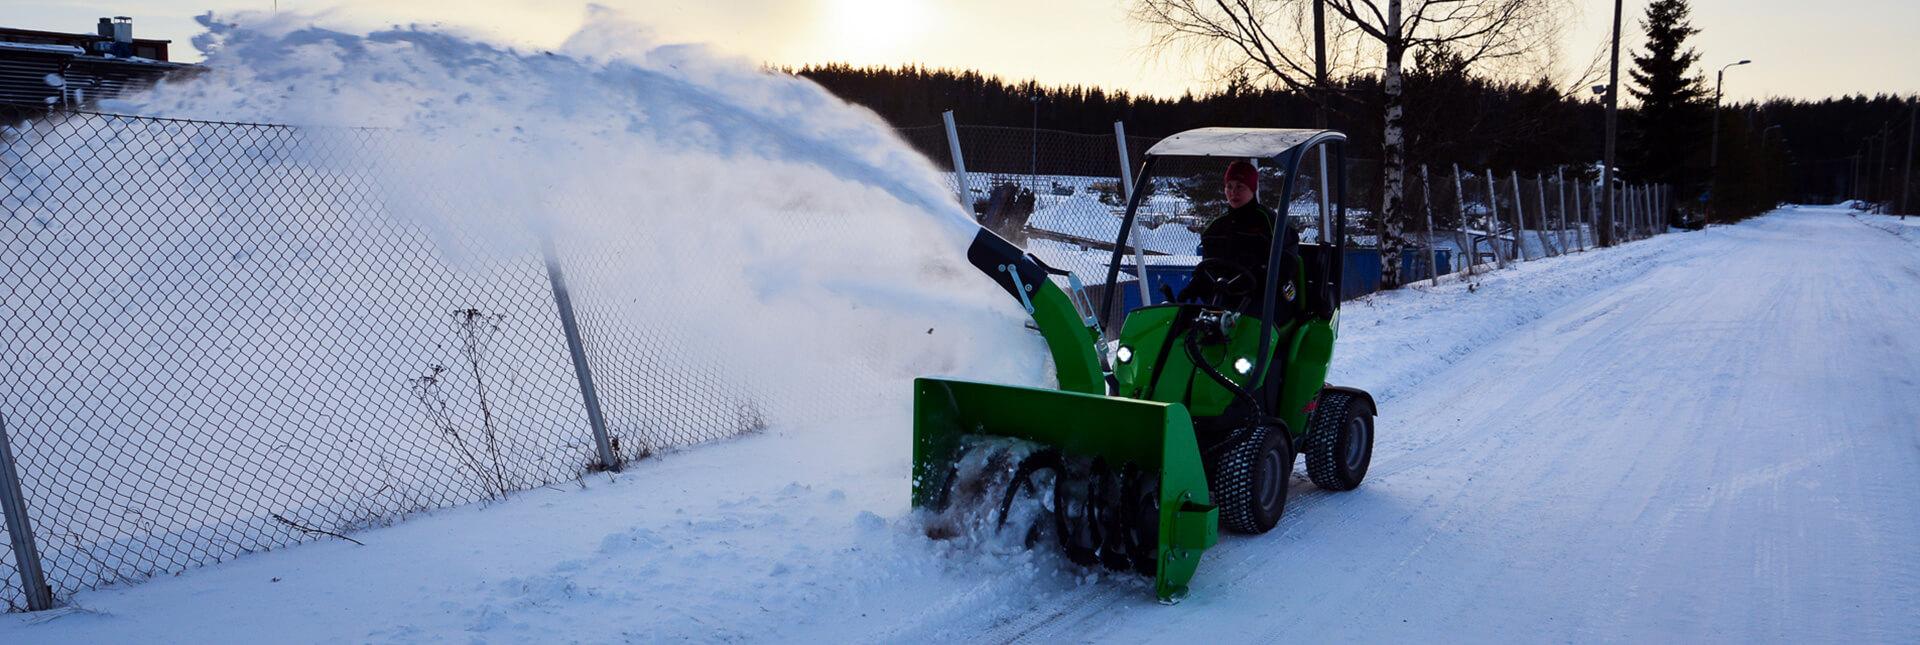 Arbejdsbillede af en sneslynge til en avant minilæsser og til rydning af sne i større mængder